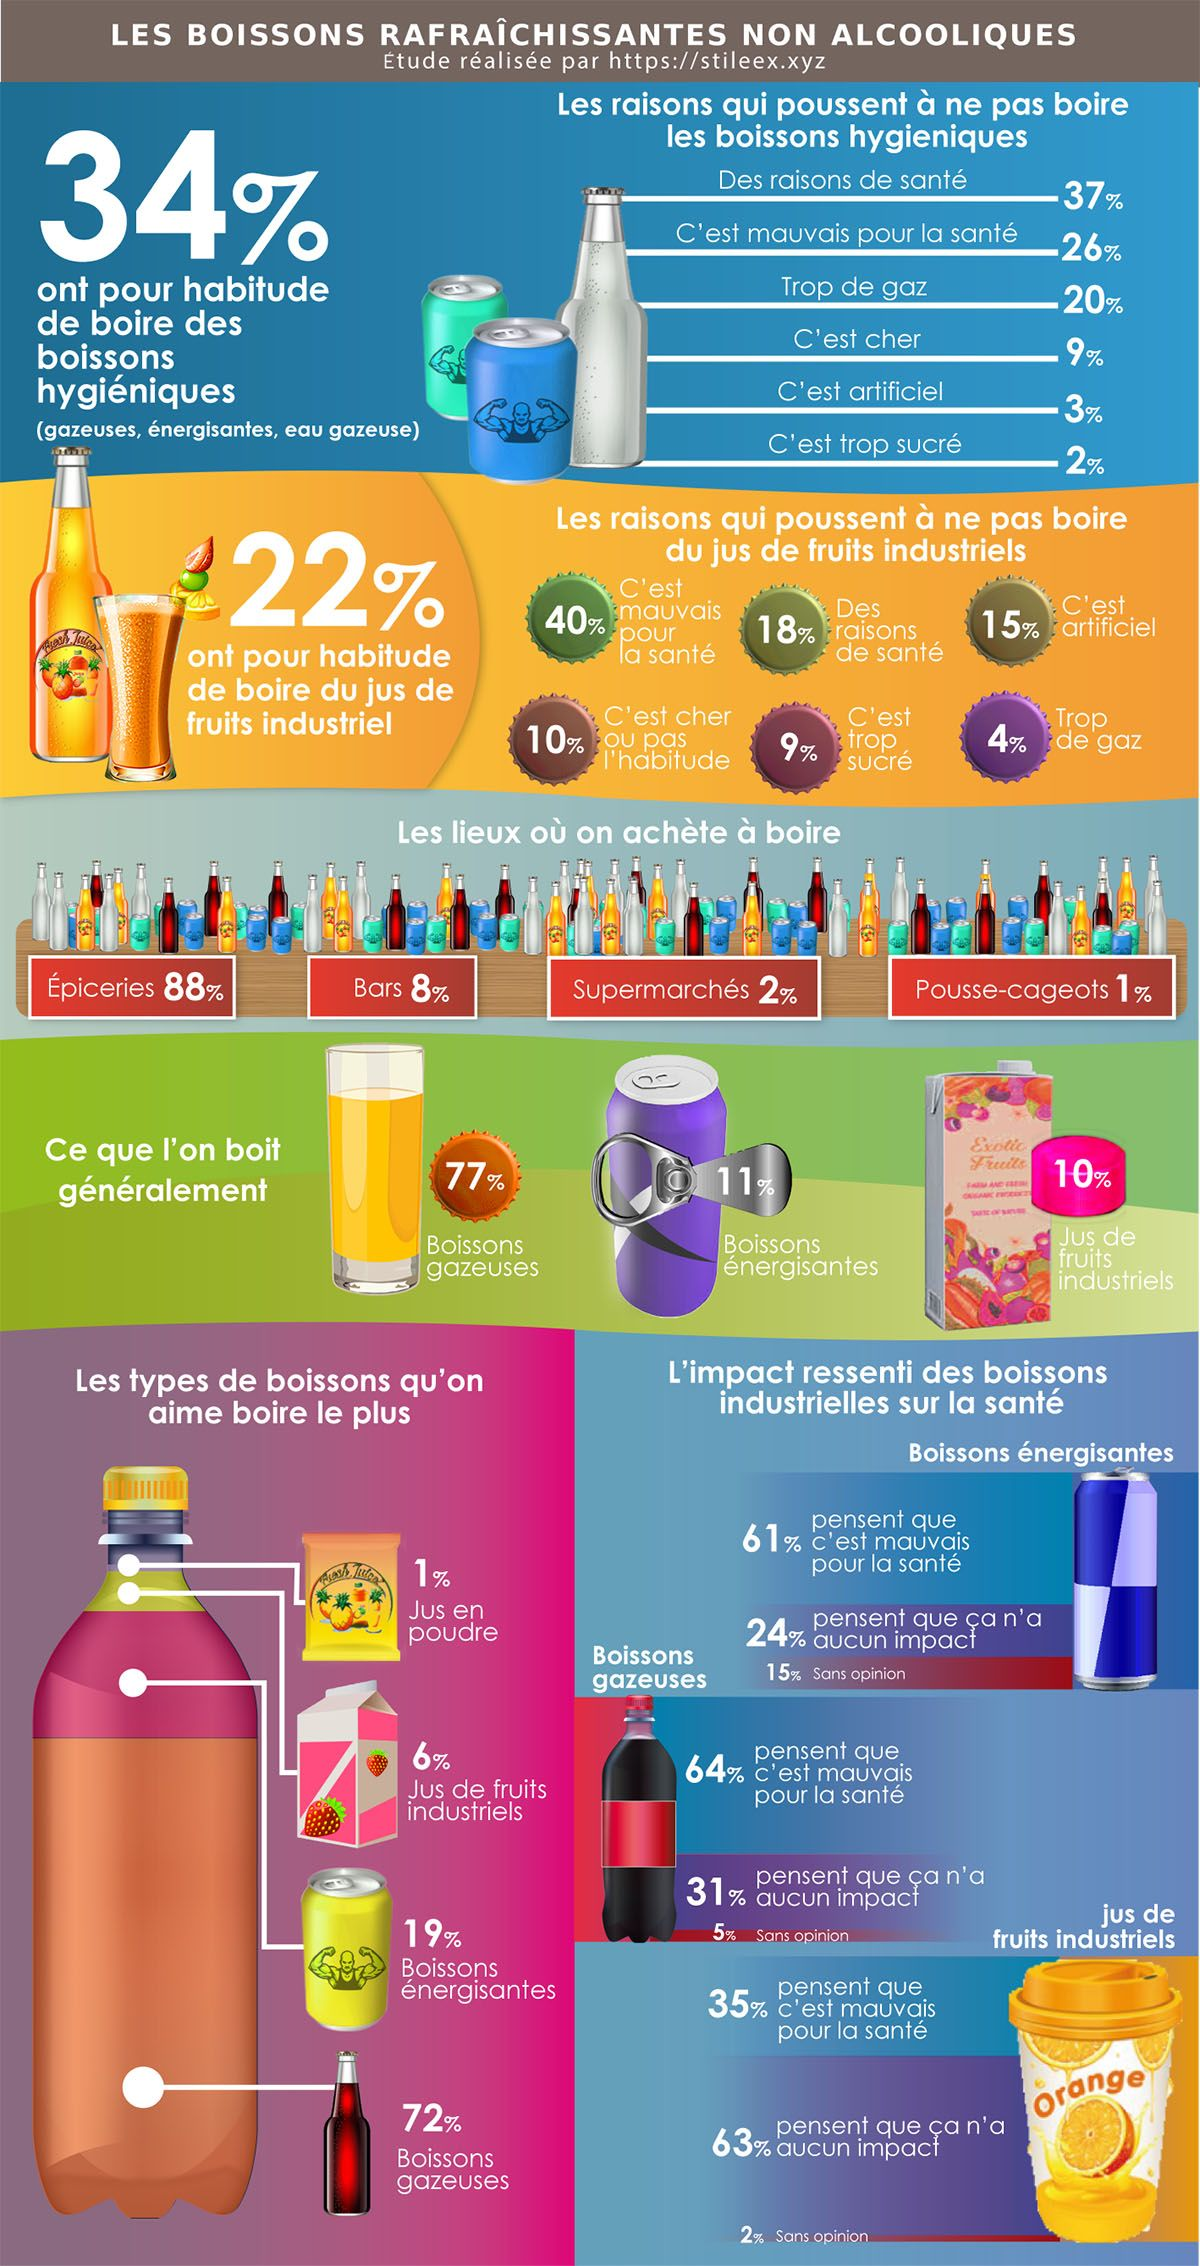 Les résultats du sondage sur la consommation des boissons rafraîchissantes non alcooliques